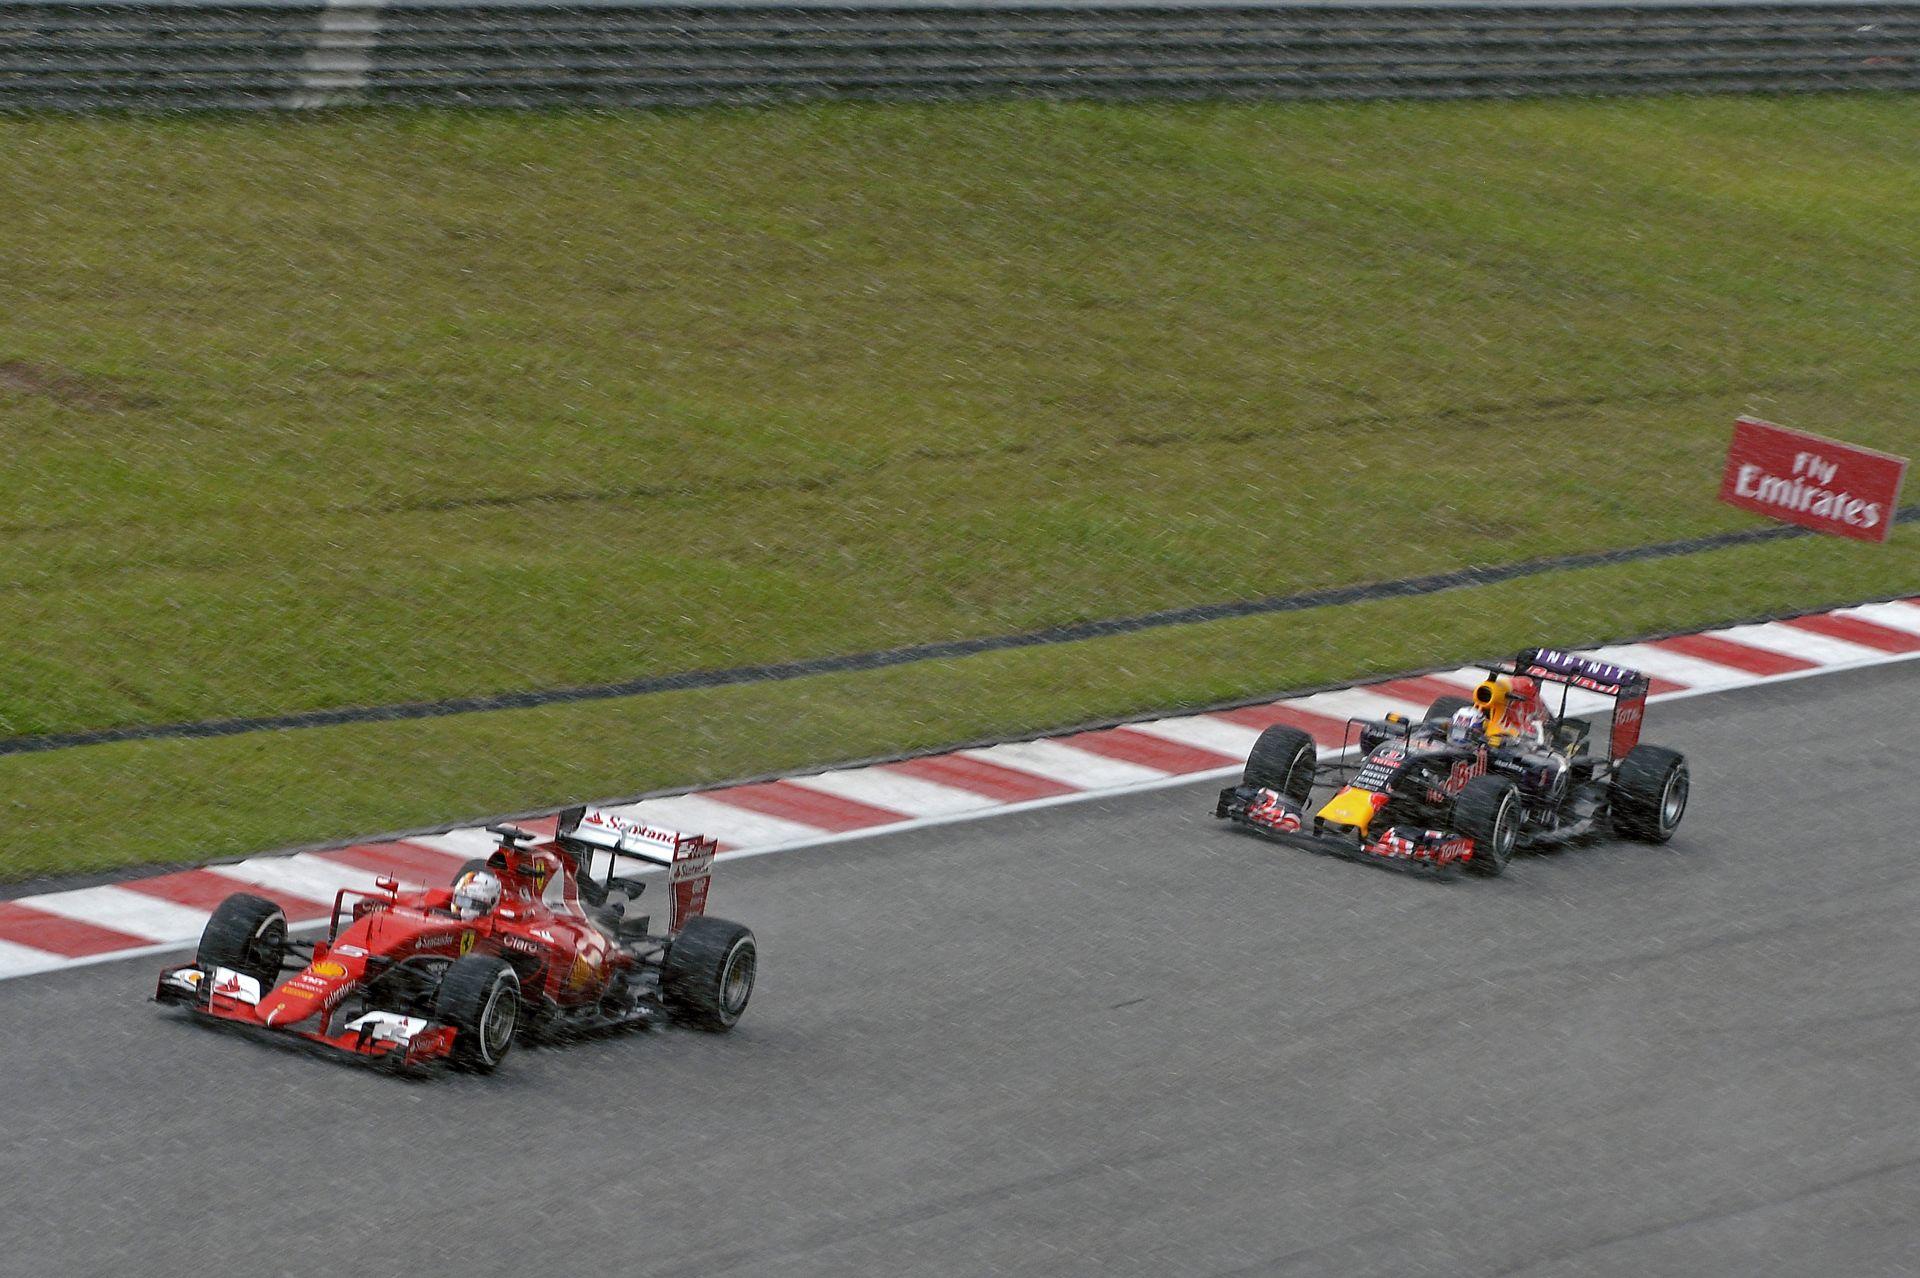 A Red Bull a Ferrarival nagy hibát követne el!